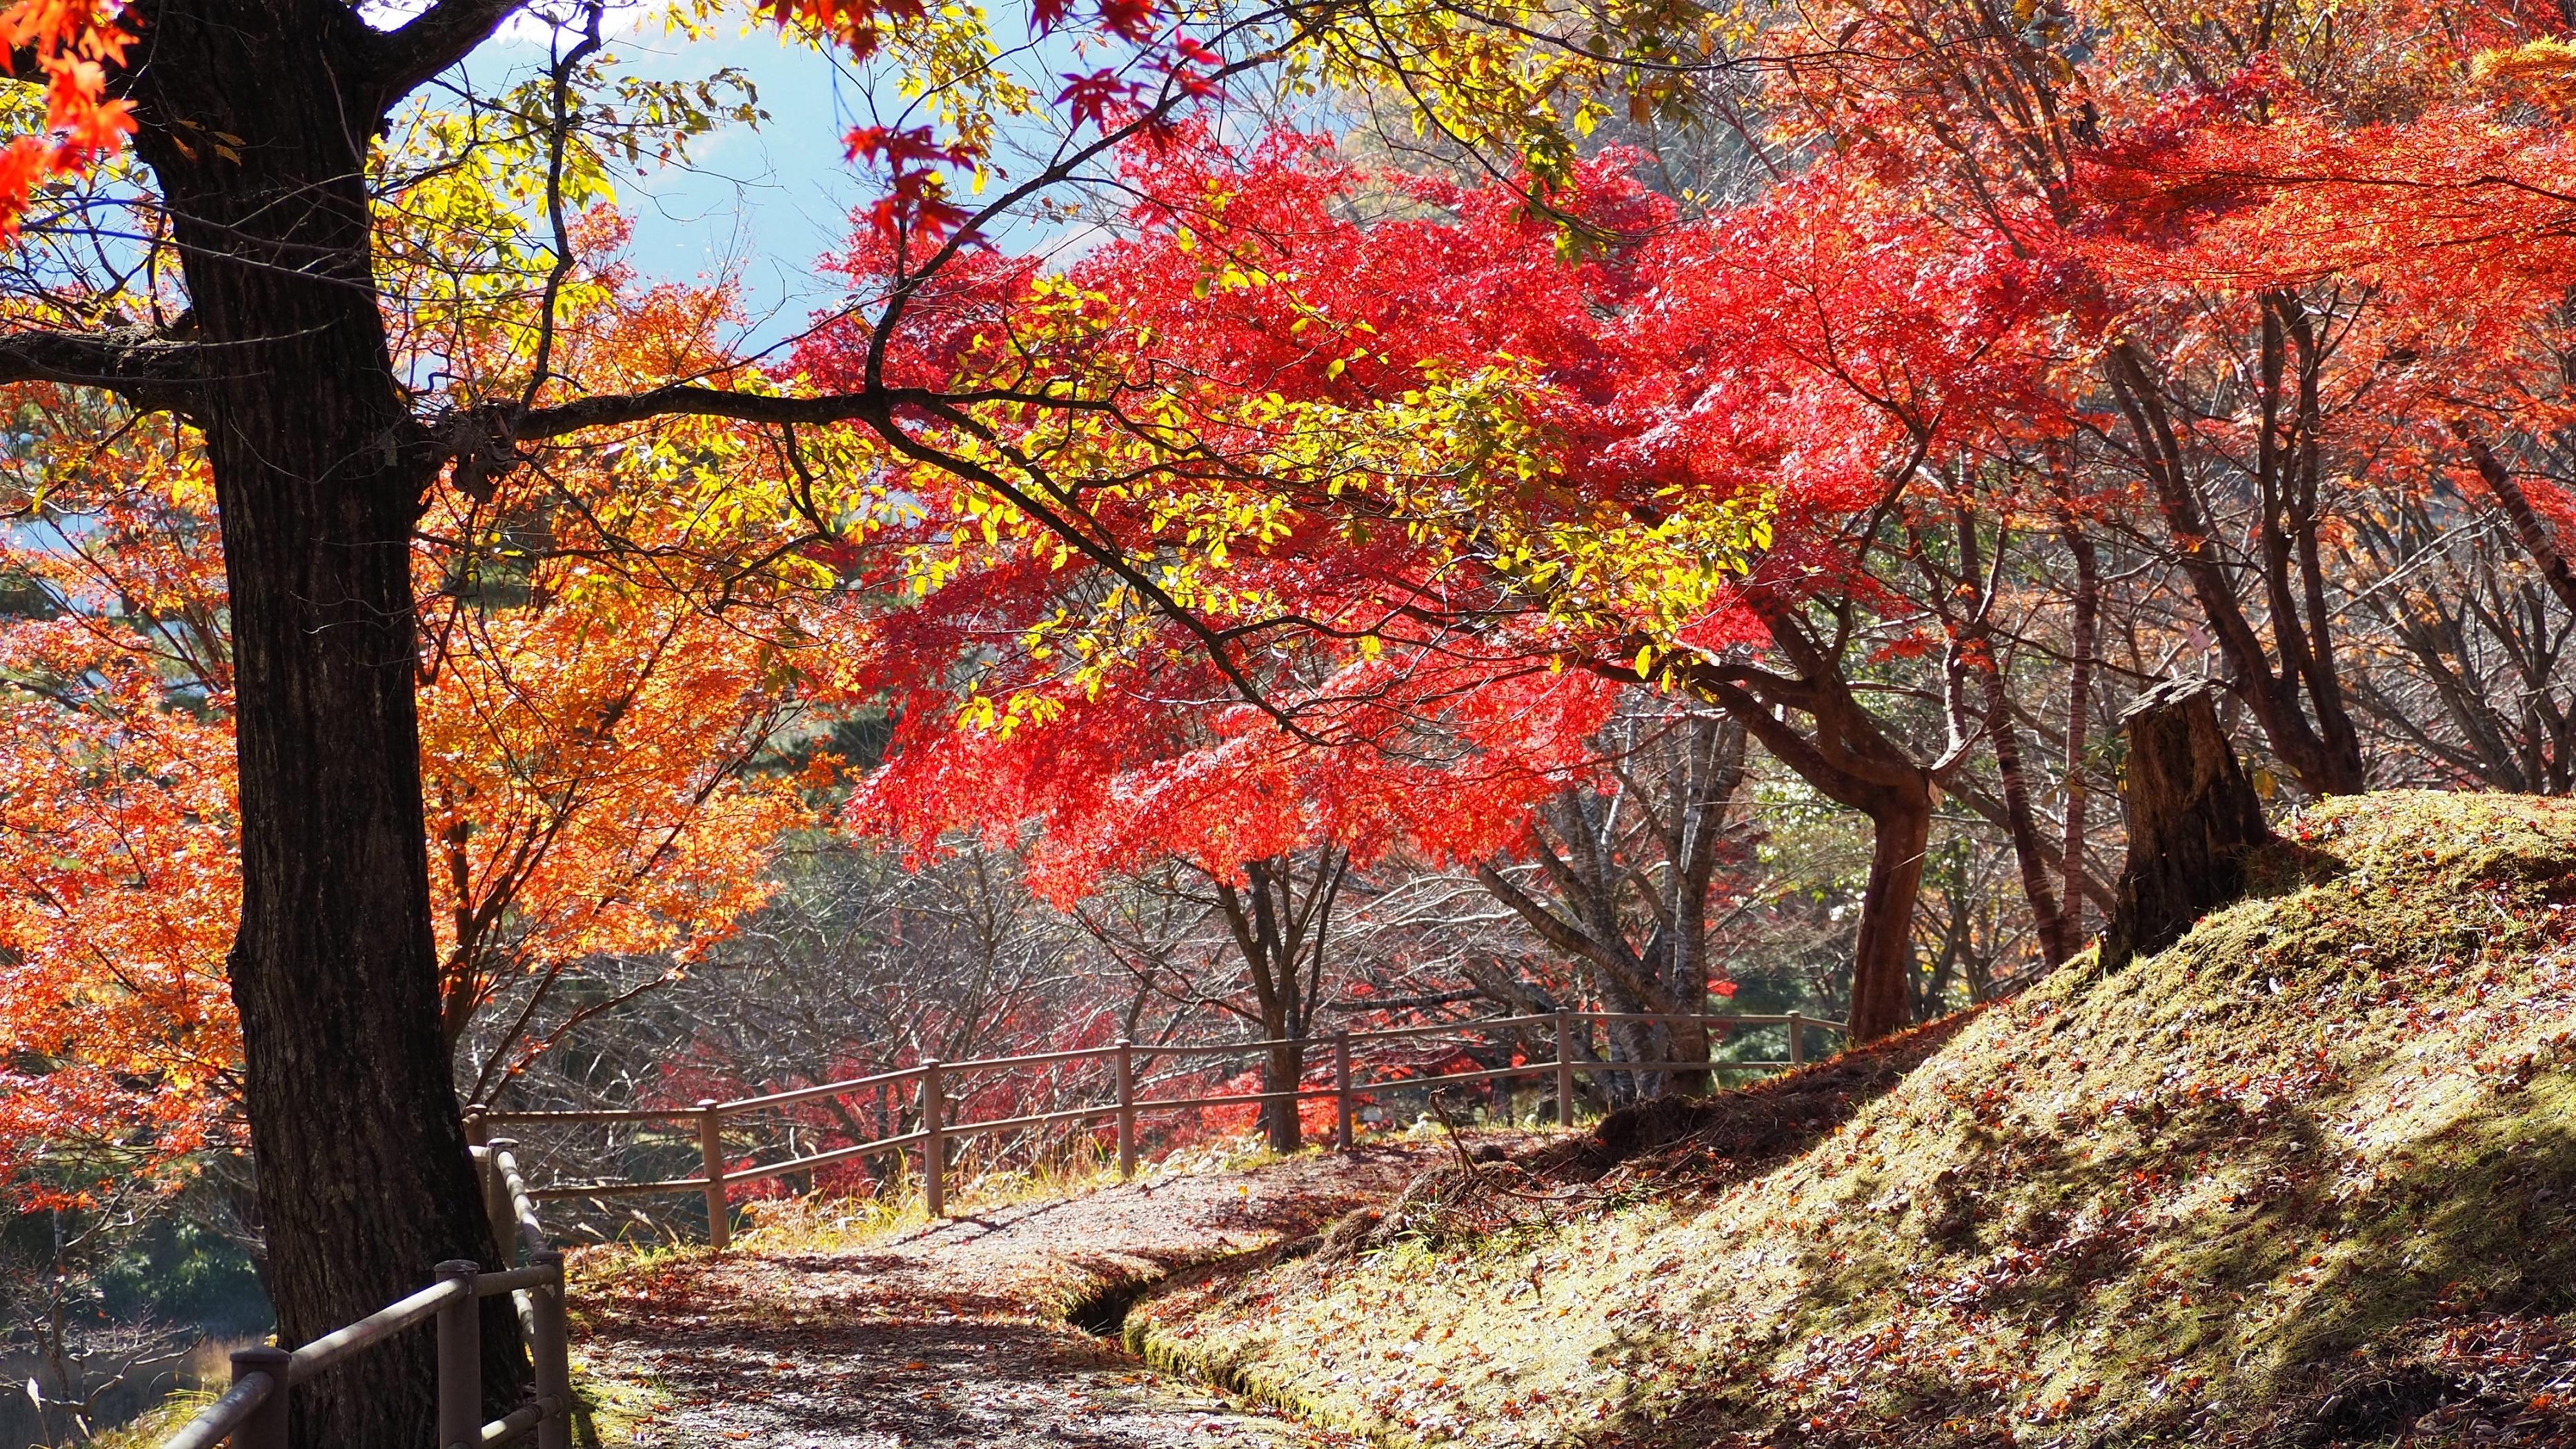 ぴーきち&ダイナ 美山 かやぶきの里ツーリング 大野ダム編 大野ダムの紅葉